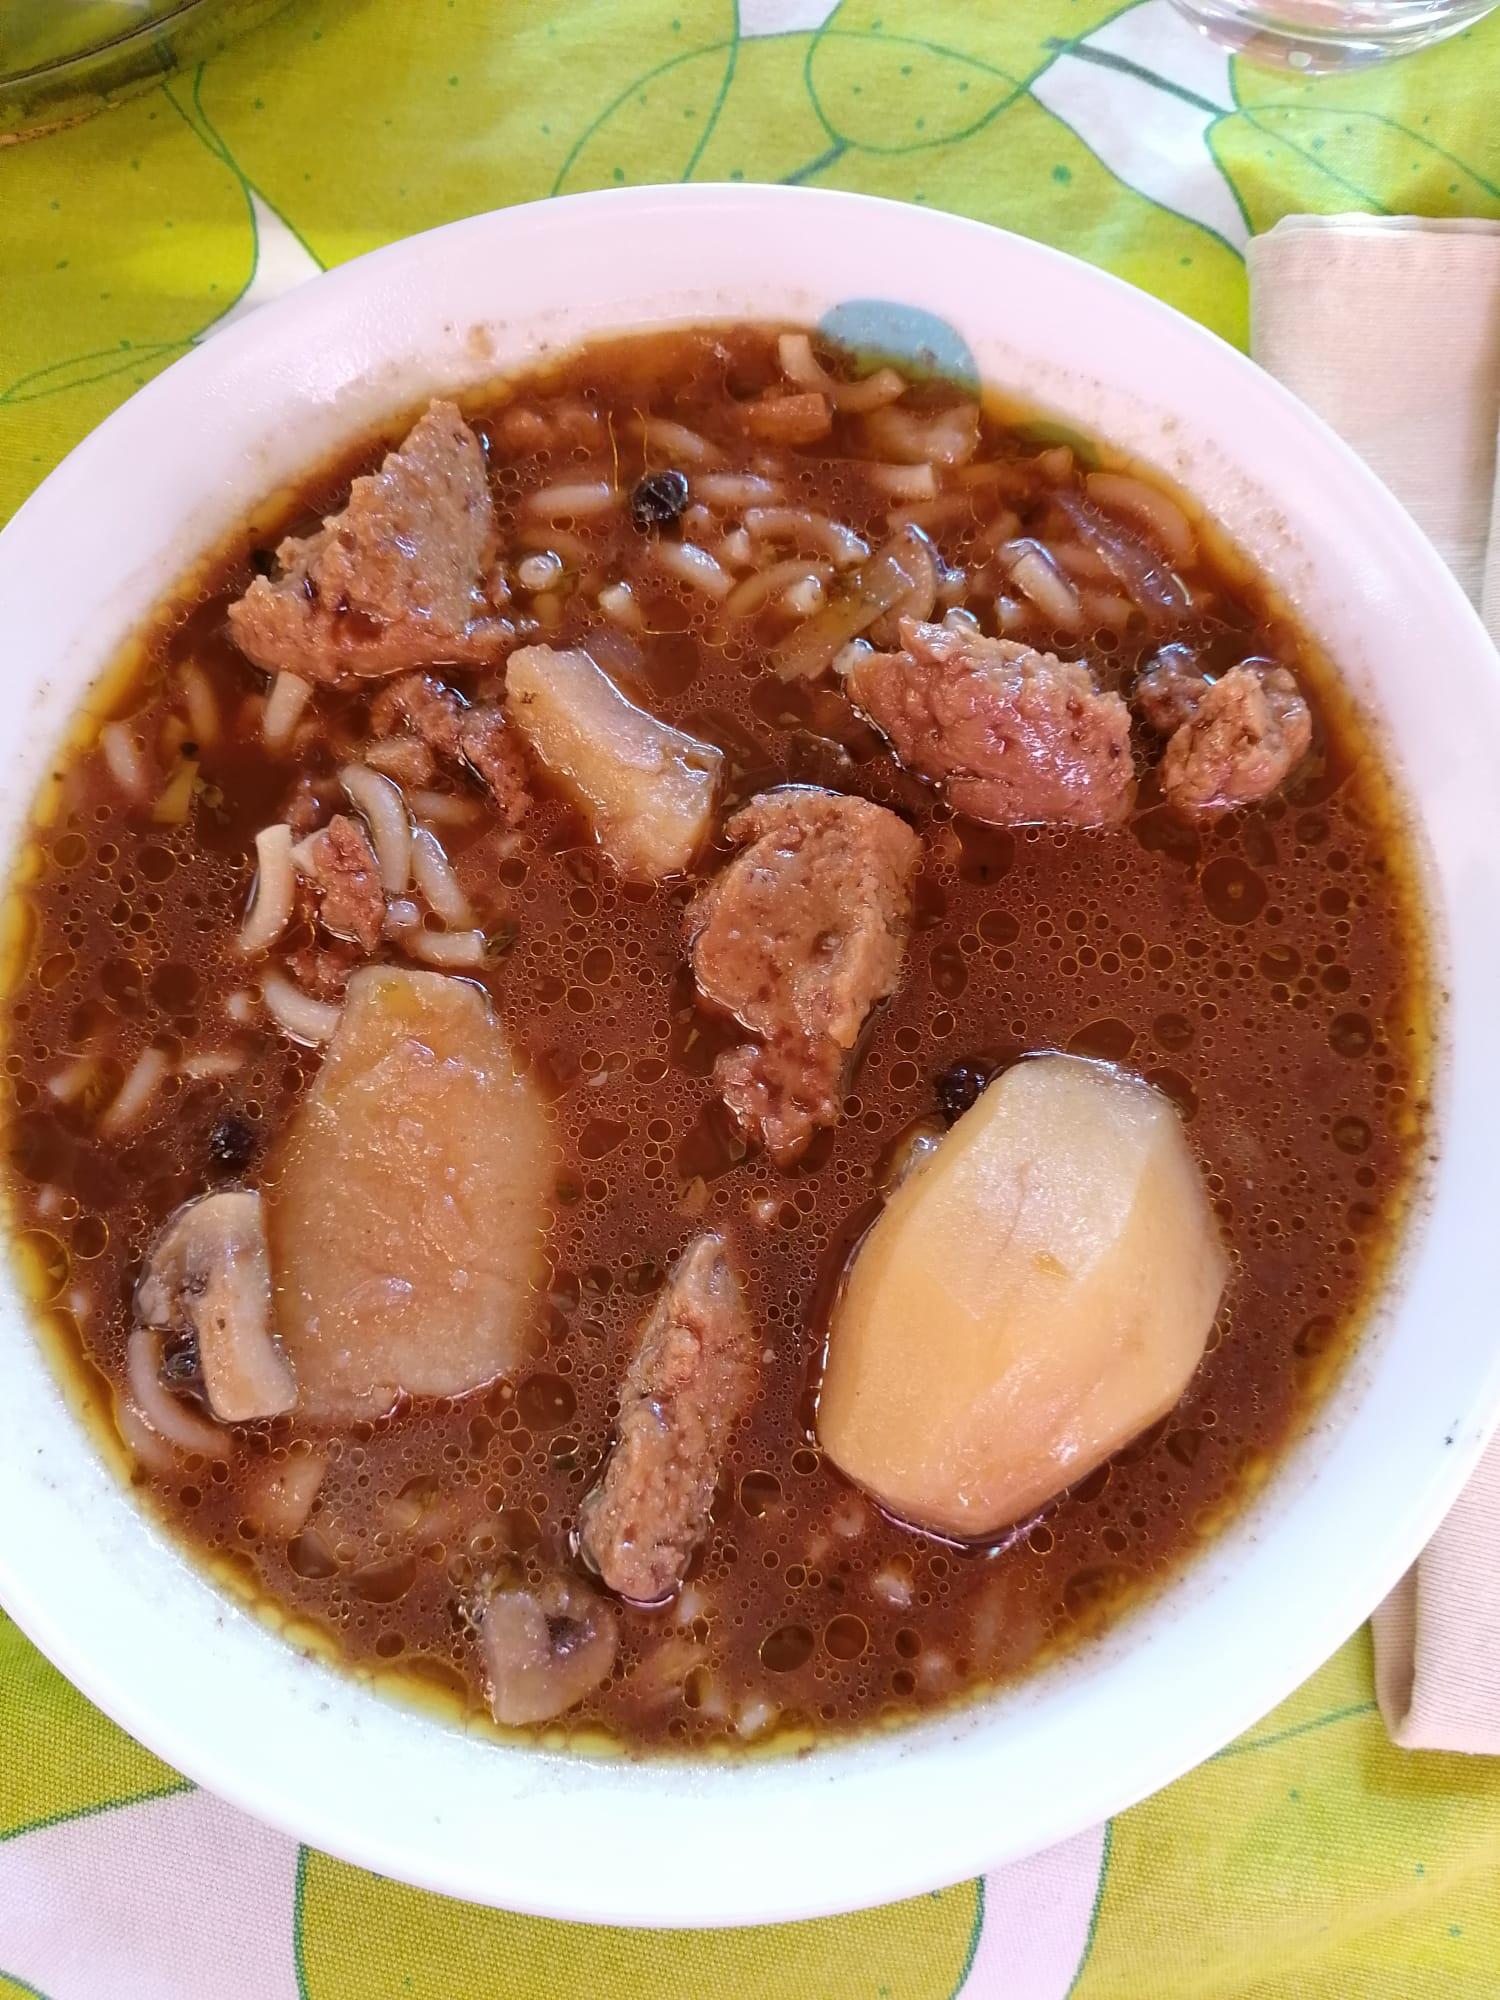 plano cenital del plato de guiso cartagenero veganizado con patatas enteras, seitán casero y pasta